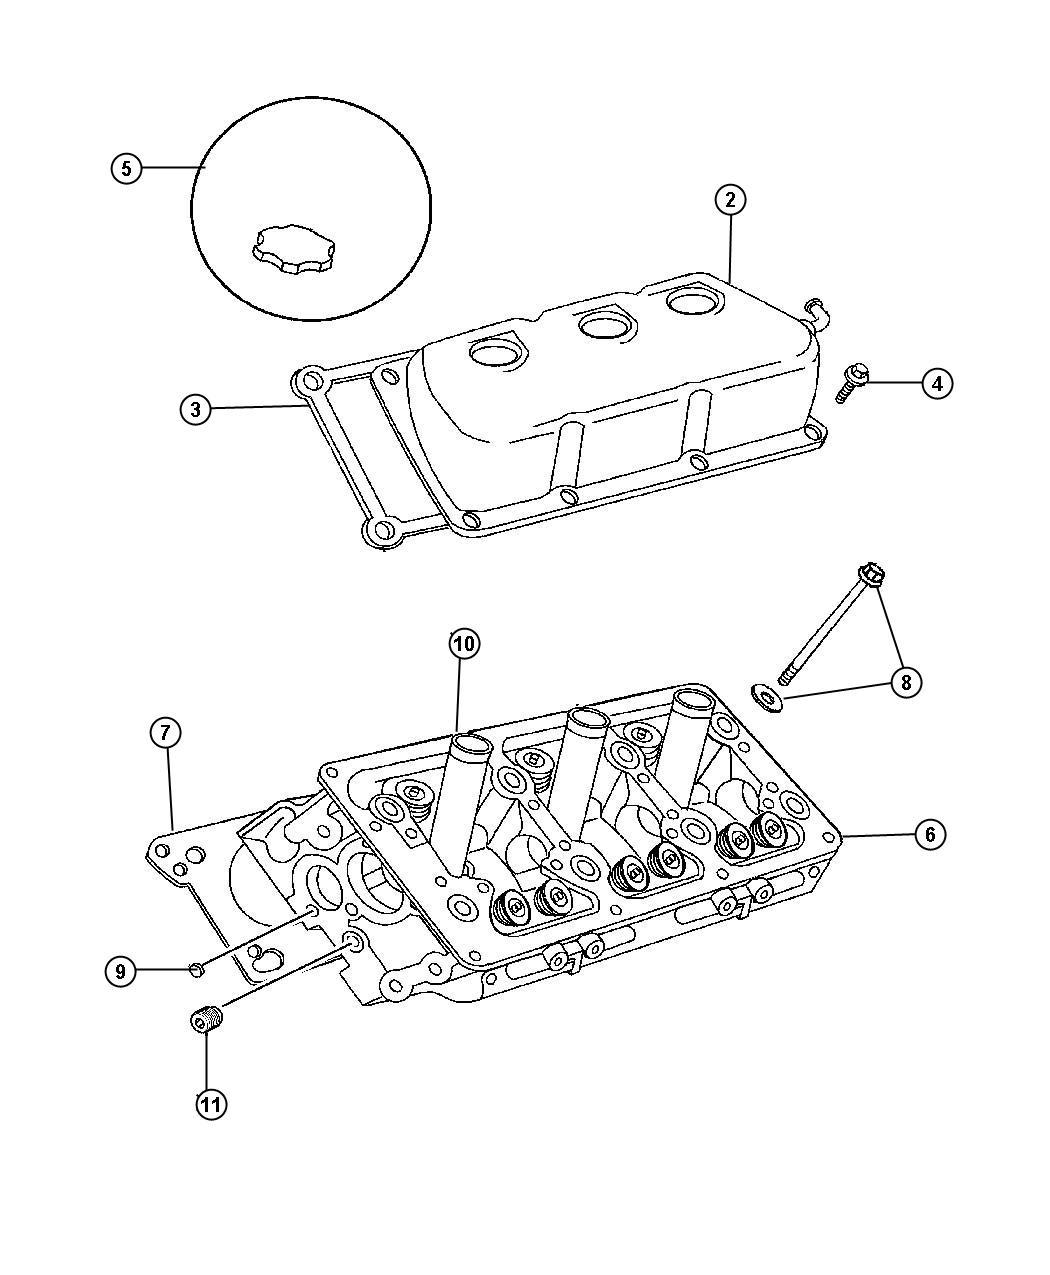 2003 Dodge Intrepid Plug. Hex socket. 3/8-18npt. Cylinder